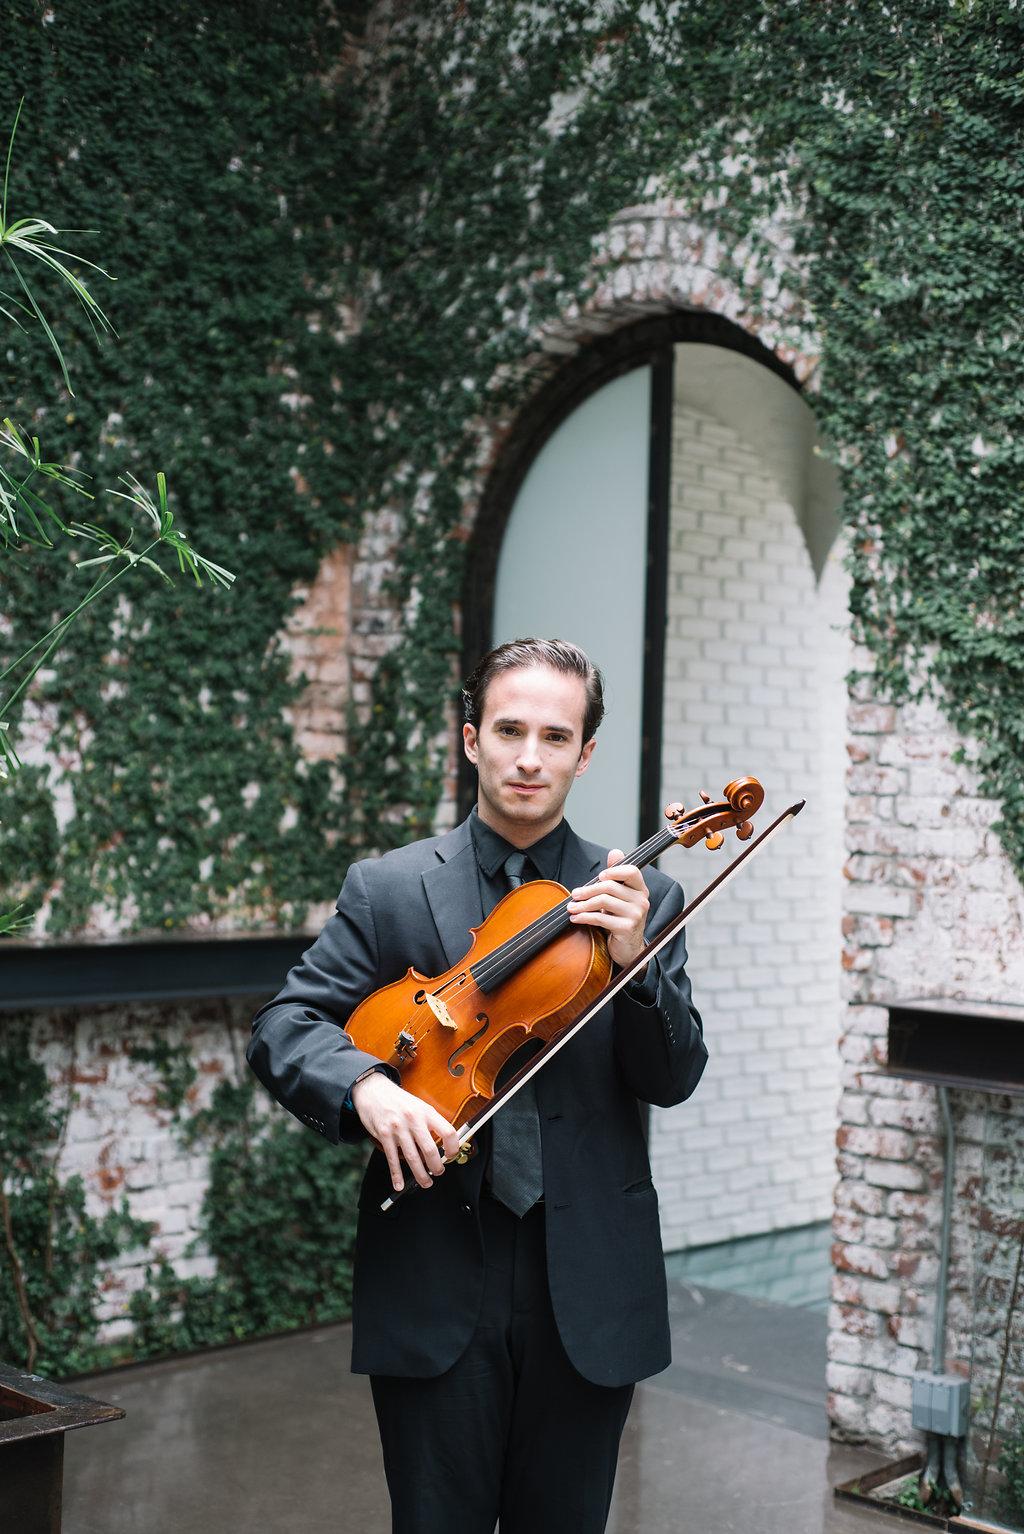 Copy of Gregory Williams - Viola